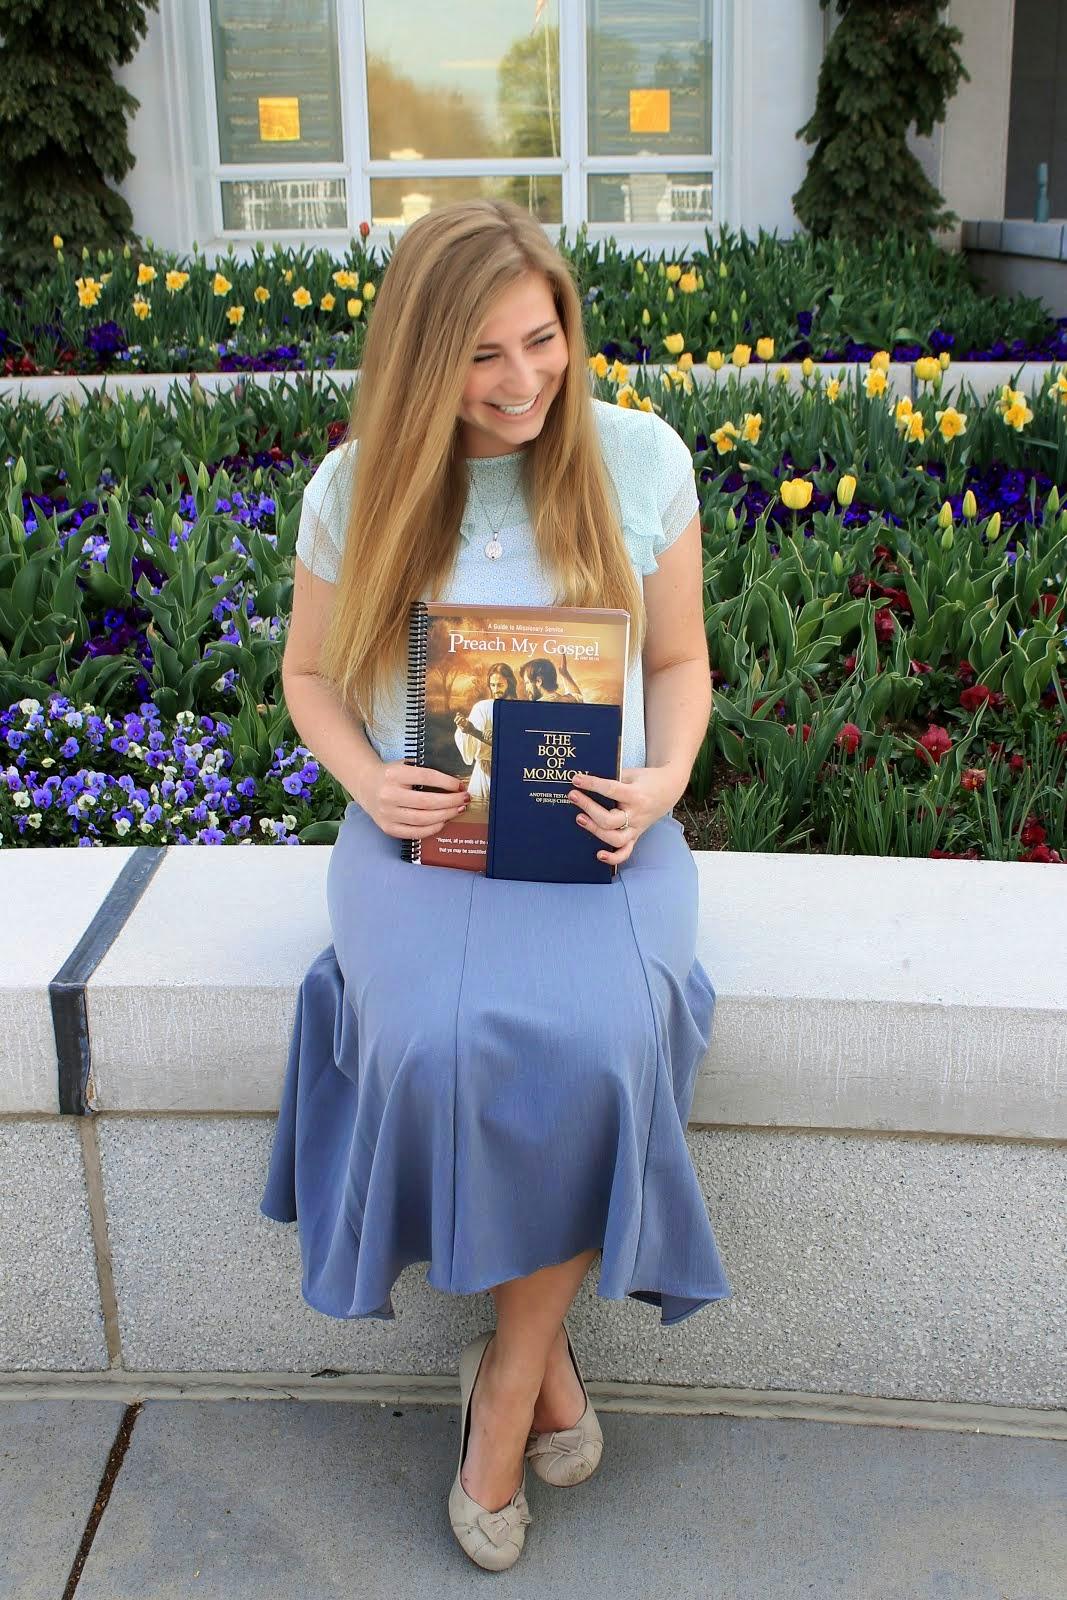 Sister Olsen